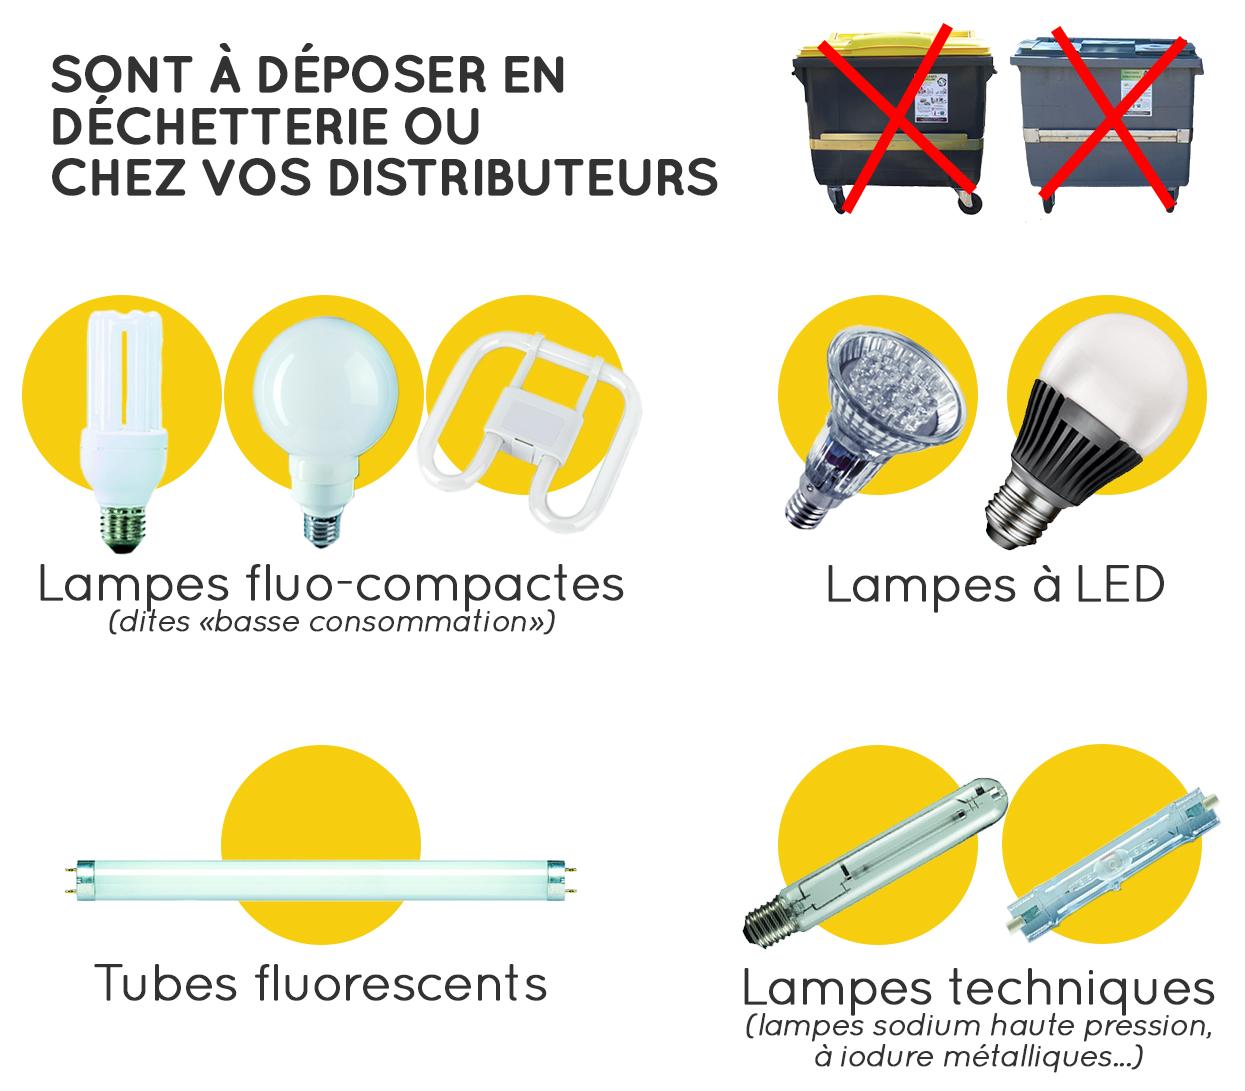 Les lampes qui se recyclent v3